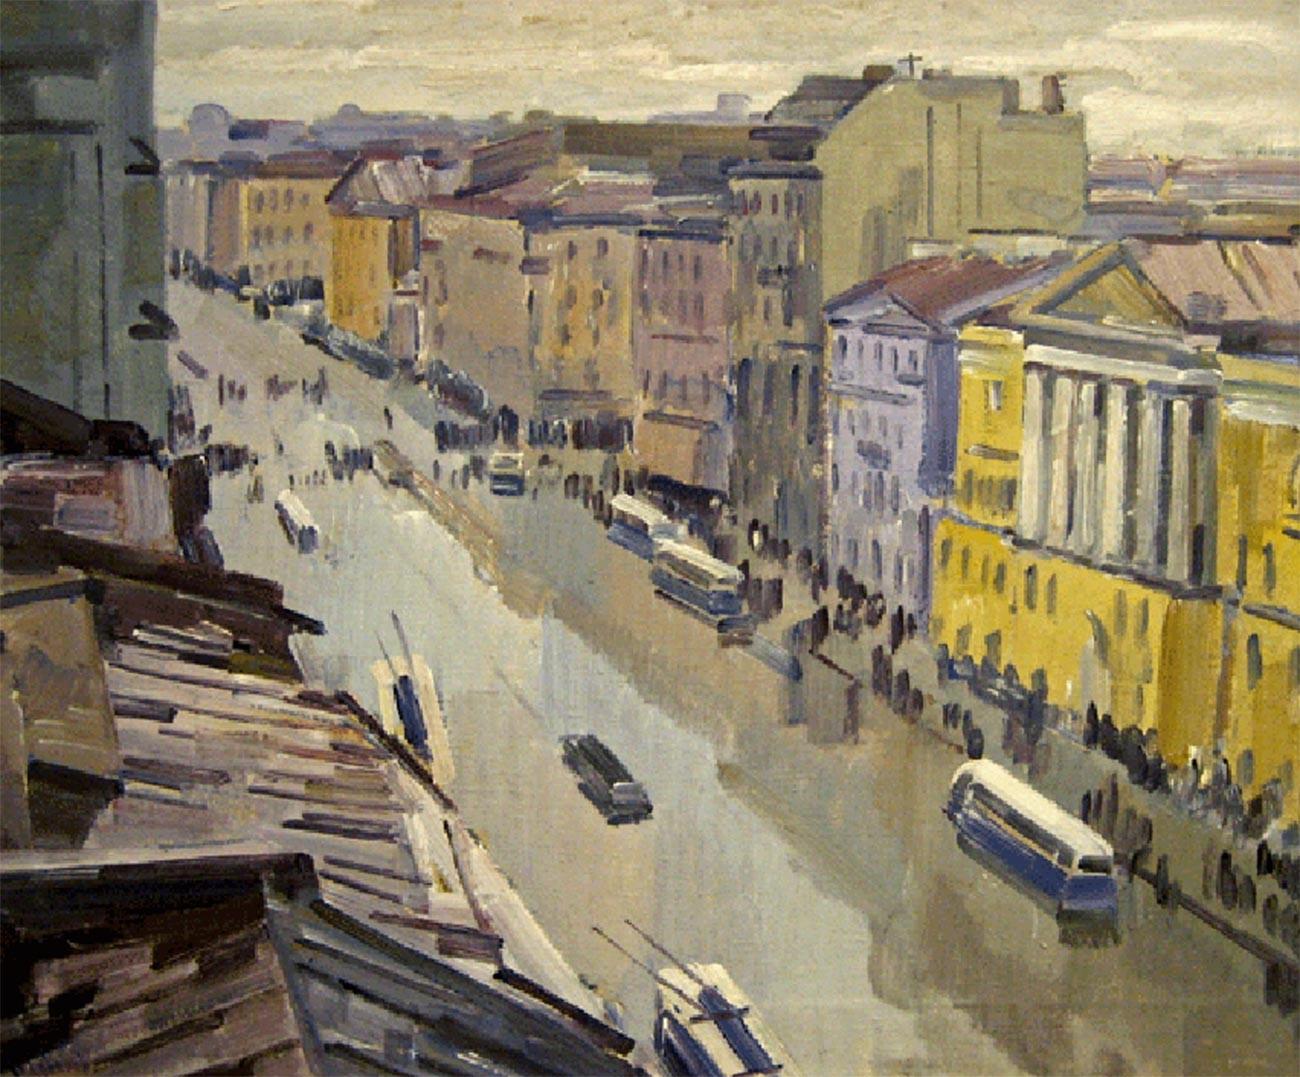 ネフスキー大通り、2007年